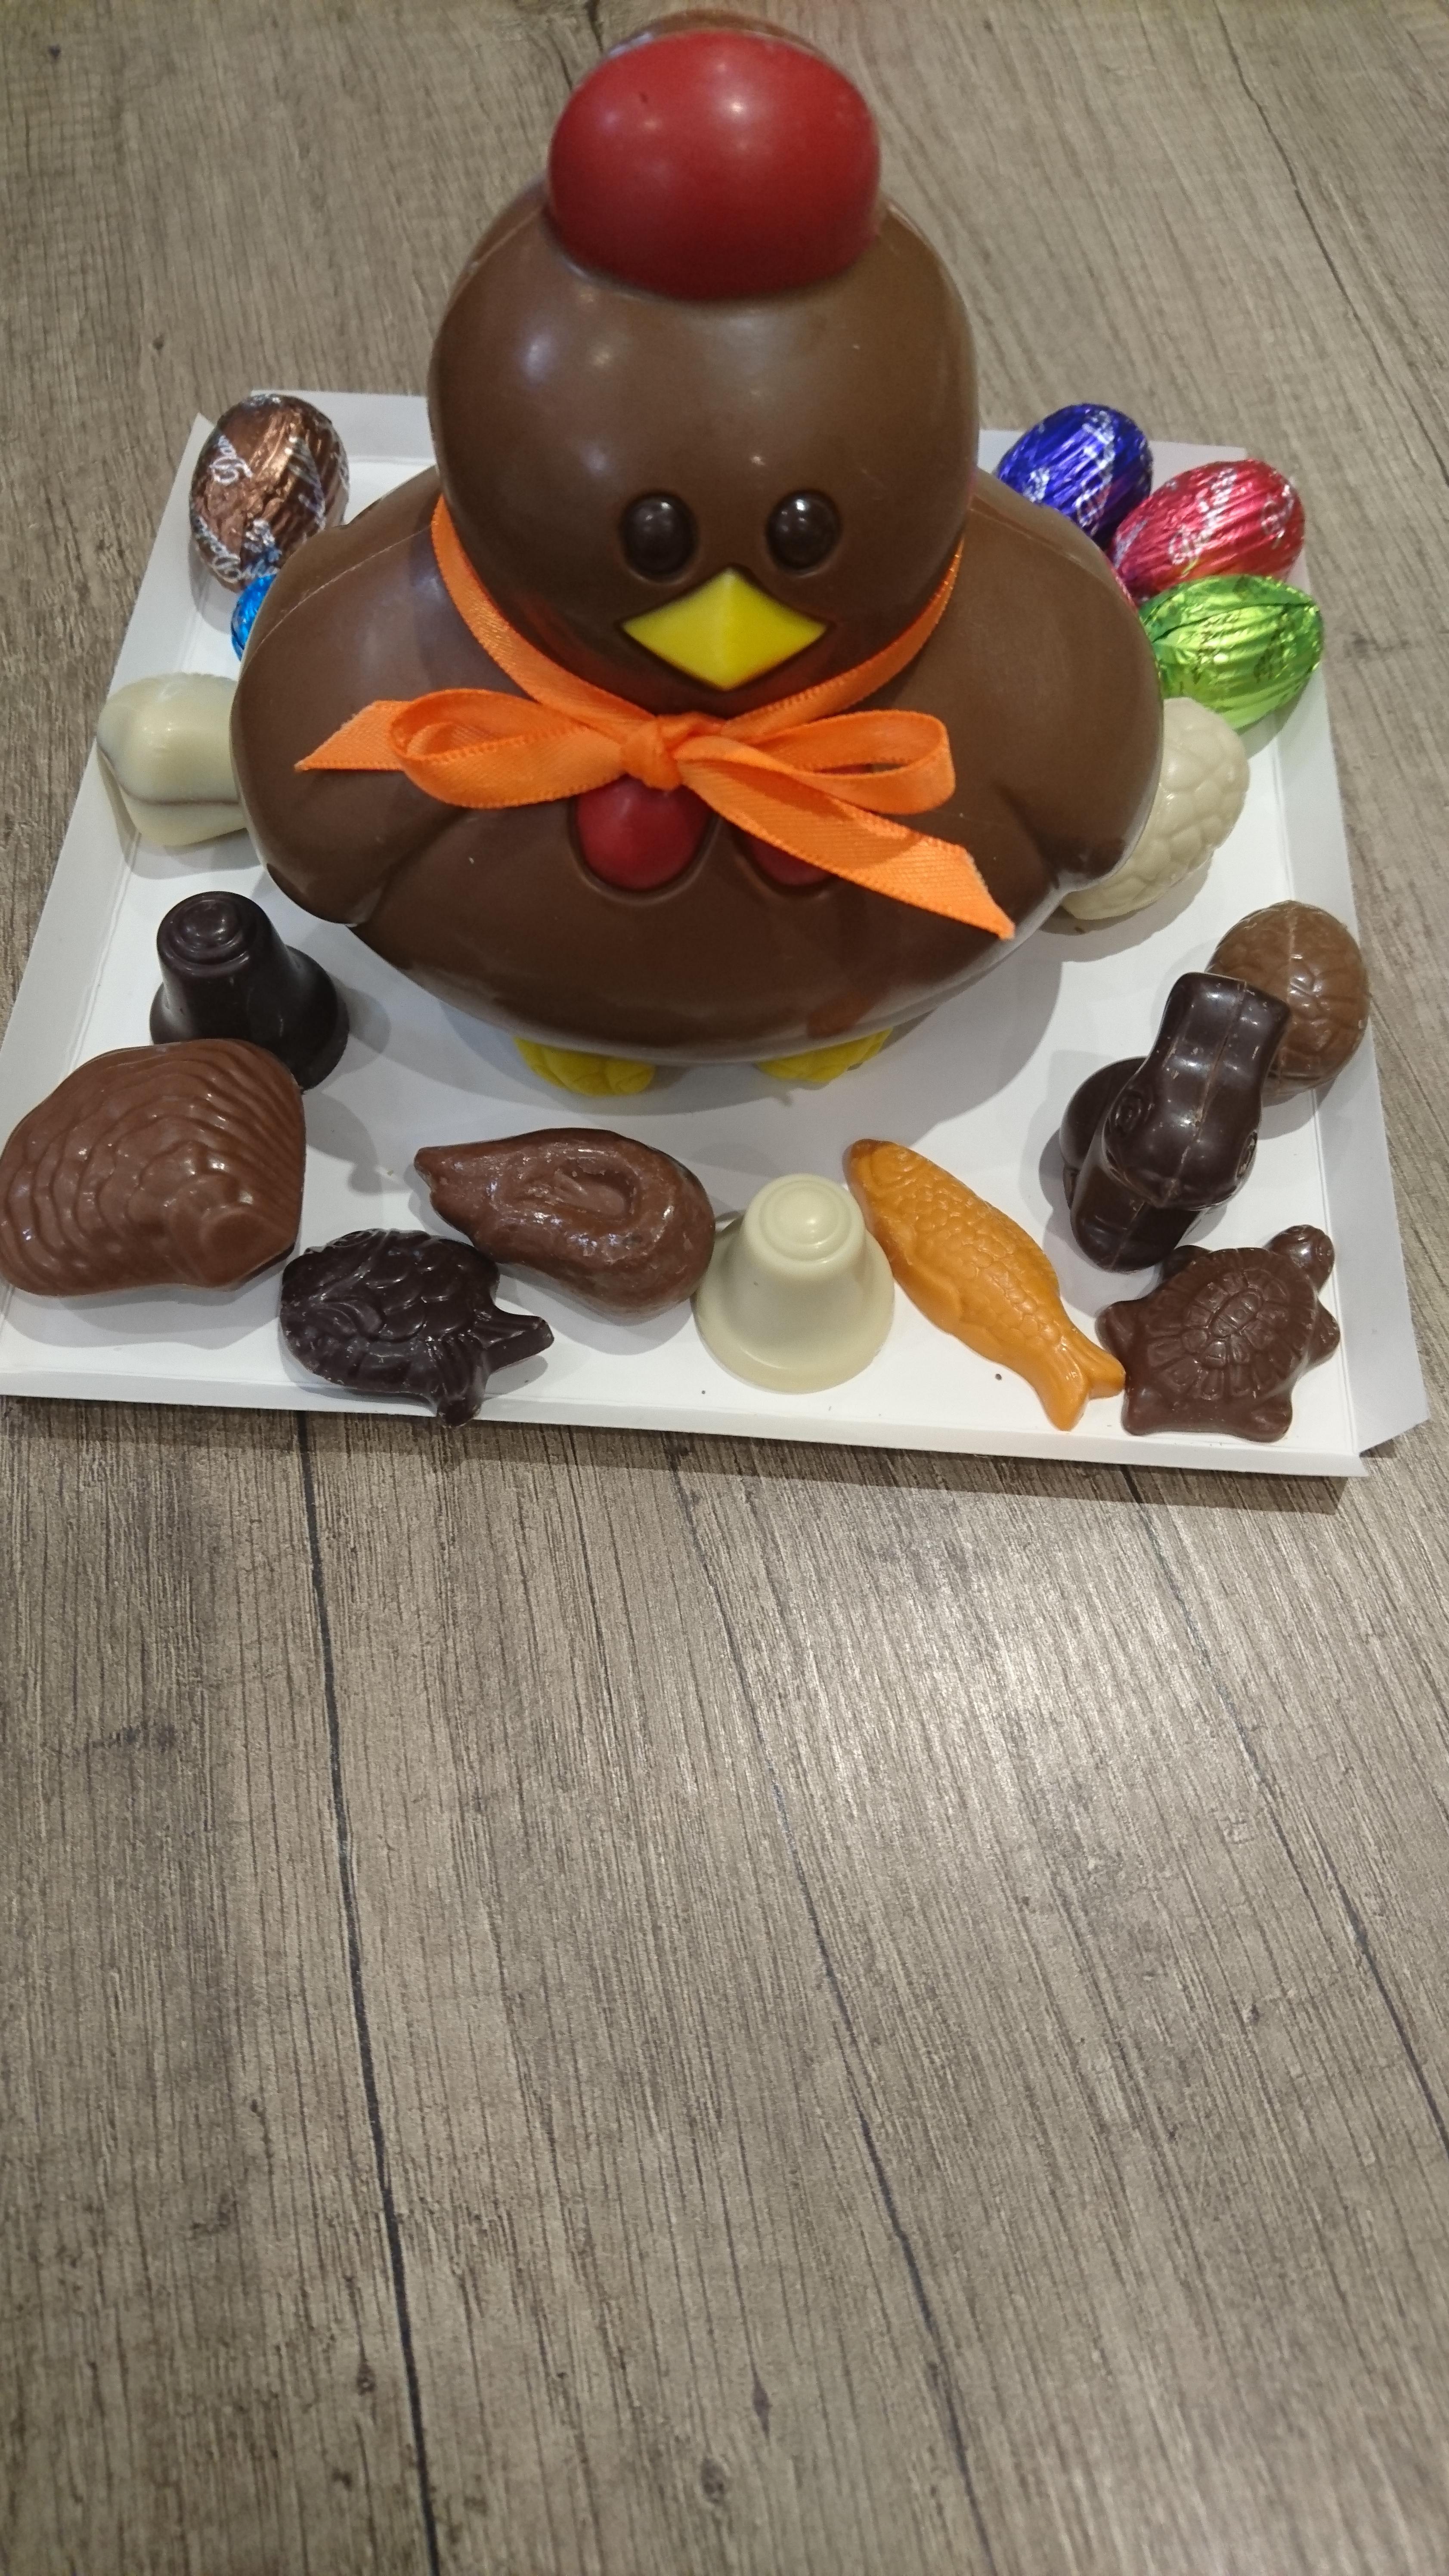 Galerie d'image - DASKALIDES - Chocolatier Belge 100% pur beurre de cacao/autre variété de Chocolat de fabrication artisanale française 100% pur beurre de cacao